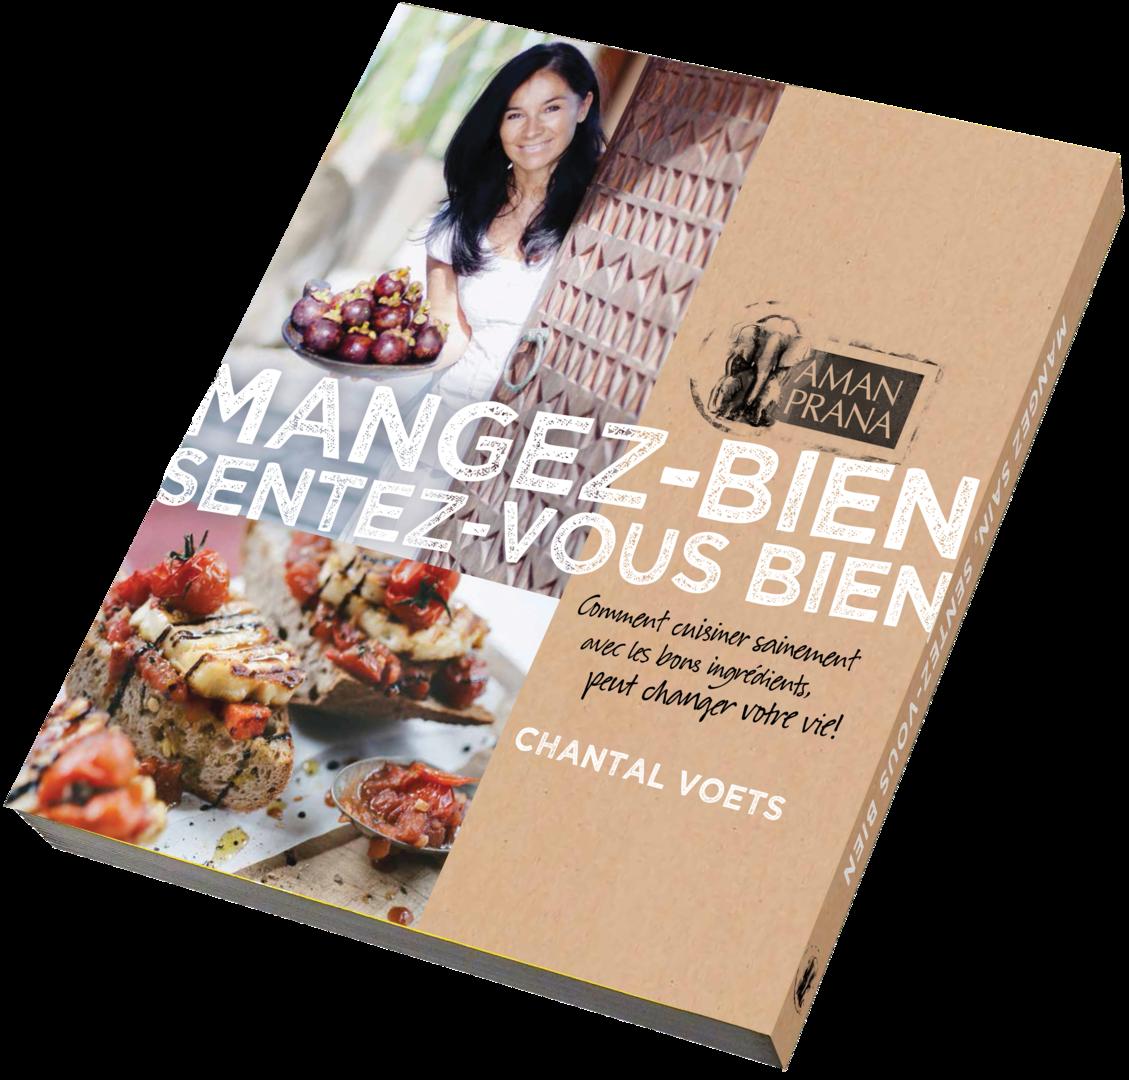 Manger bien, sentez-vous bien : le livre de la fondatrice d'Amanprana, Chantal Voets.